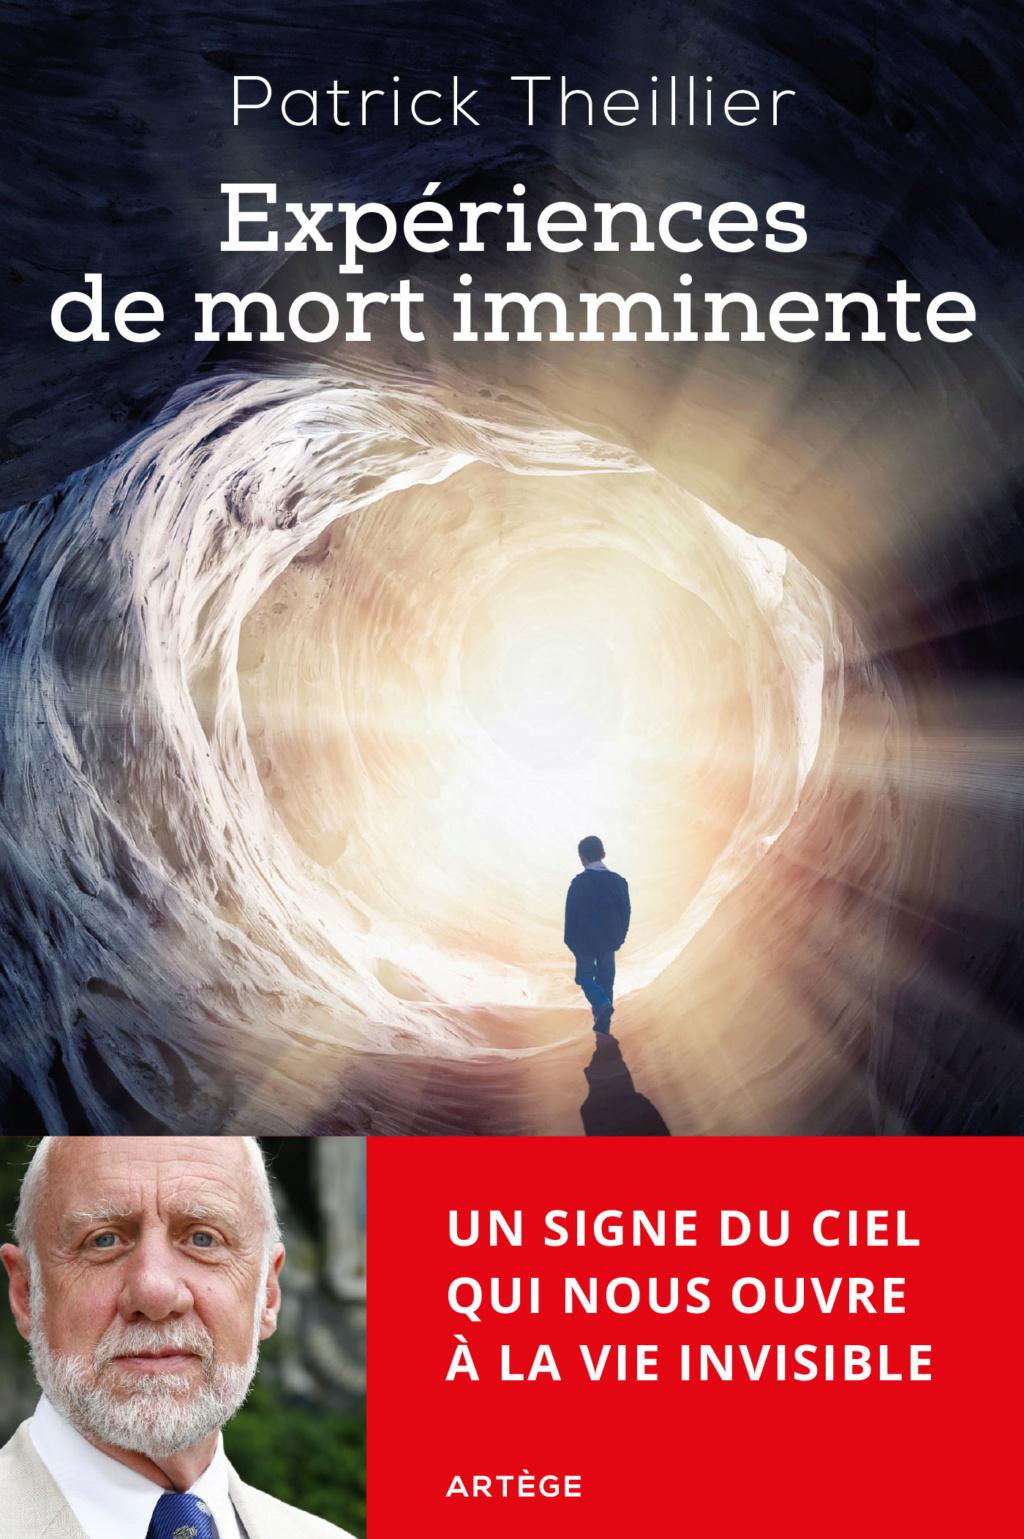 Sciences & Vie /- Les scientifiques et l'expérience de mort imminente  Cover10